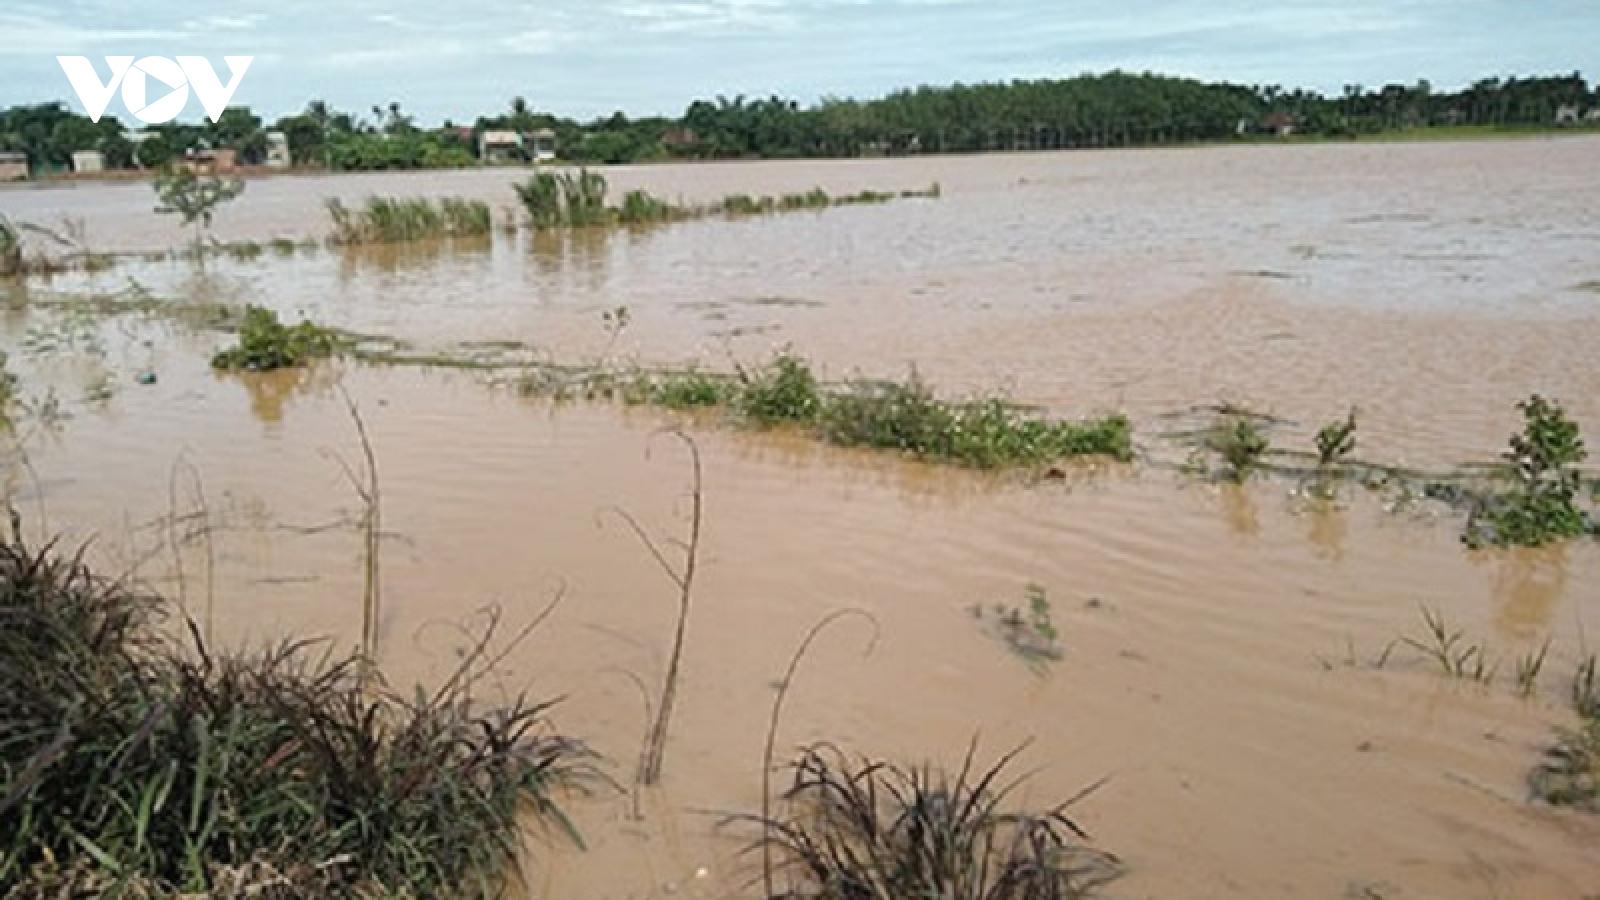 Mưa liên tục gây thiệt hại lớn tại Ninh Thuận và Bình Thuận